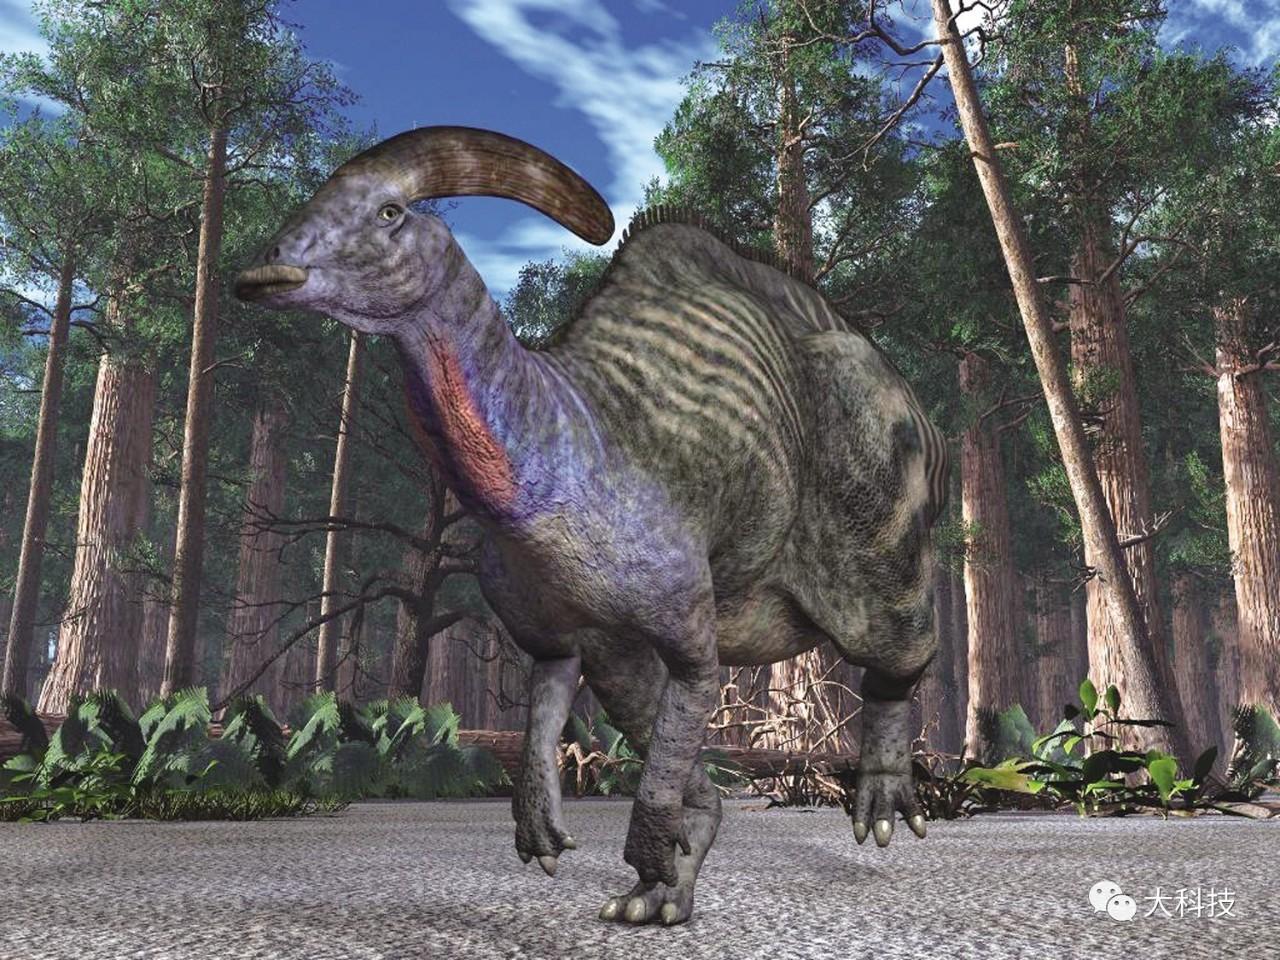 号子手副栉龙 在同时代的恐龙身上,并没有发现鸣管,这就说明当时的恐龙或许不会发出鸟类的鸣叫声。那么,这些庞大的动物又会怎么叫呢? 在电影里,恐龙出场时,总是伴随着咚咚咚巨大的脚步声,一声咆哮让人震颤。1993年的电影《侏罗纪公园》中标志性的霸王龙的叫声是用象和狗的叫声经过处理后合成的。现实生活中,恐龙可不会那样威武。 副栉龙生存于晚白垩纪(约7600万年-7300万年前)的北美洲,它们的嘴巴形状似鸭嘴,是鸭嘴龙家族的一员。然而,更引人注意的是它们头上那个往后方弯曲、修长的冠饰。这个冠饰有什么用呢?